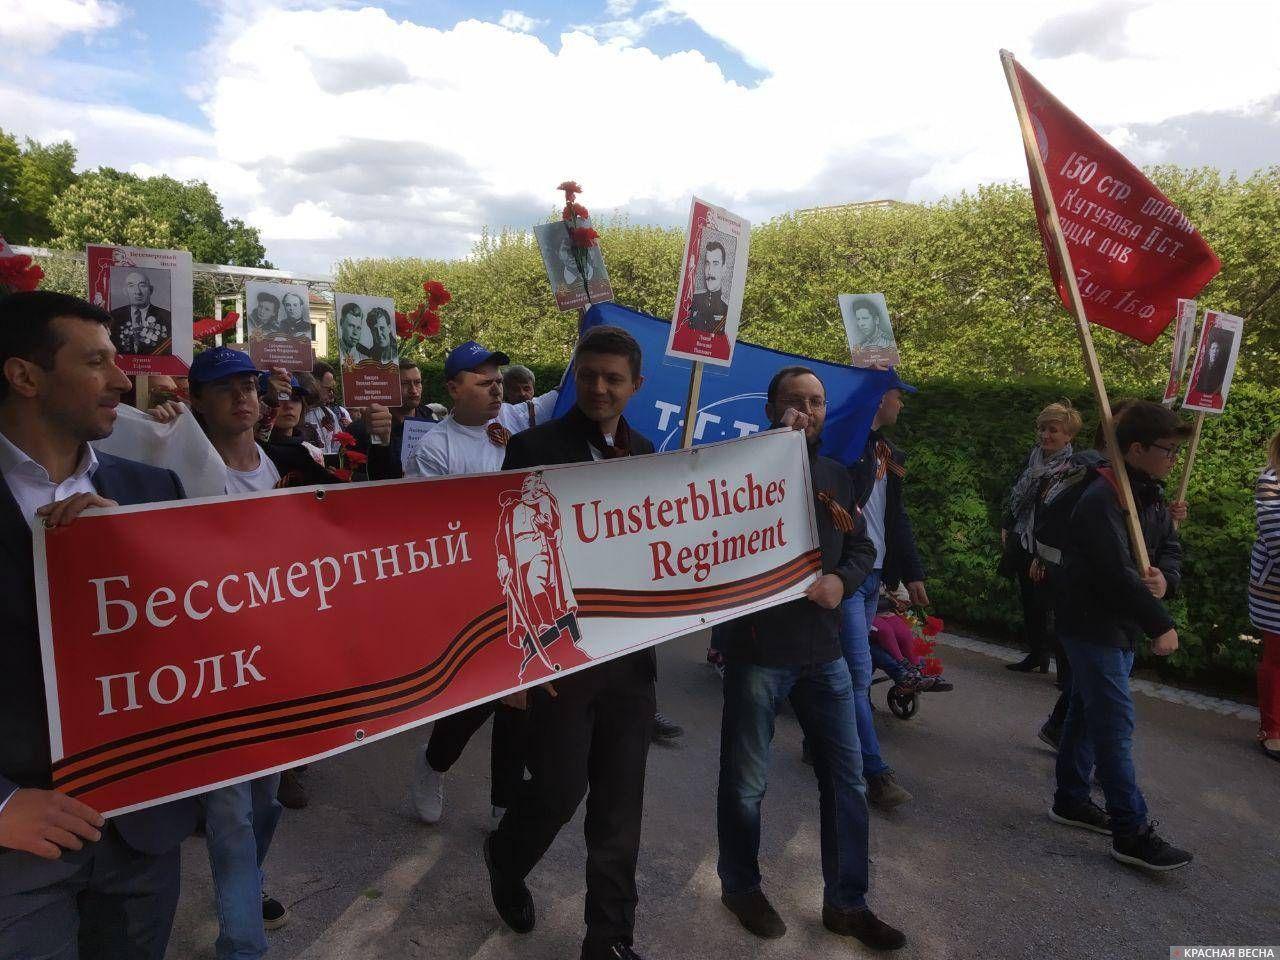 Мюнхен, Германия. «Бессмертный полк» в Мюнхене построился и начал шествие